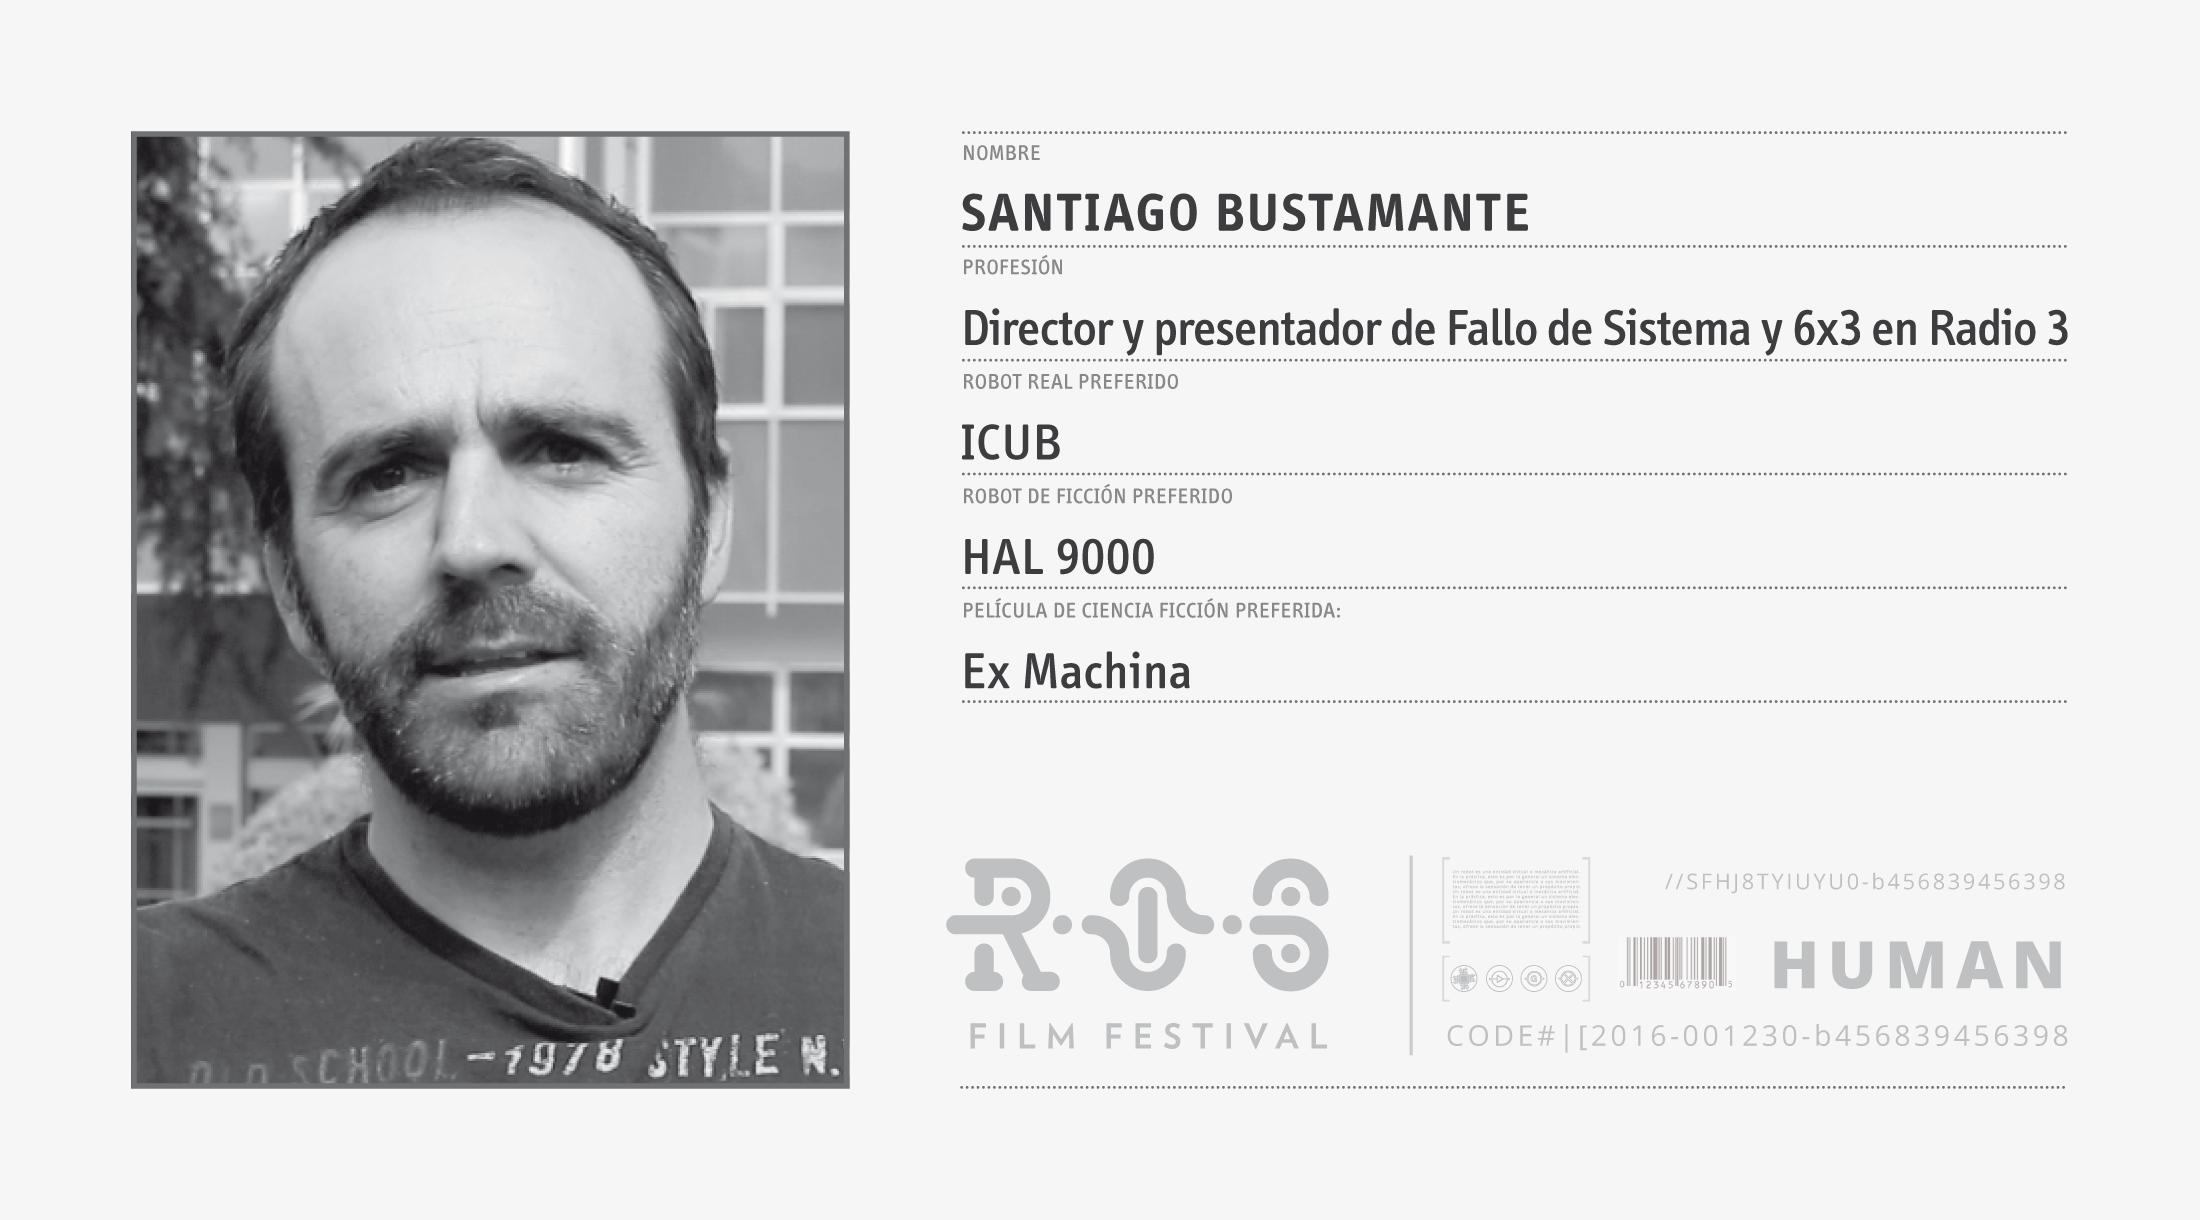 Retrato Robot: Santiago Bustamante